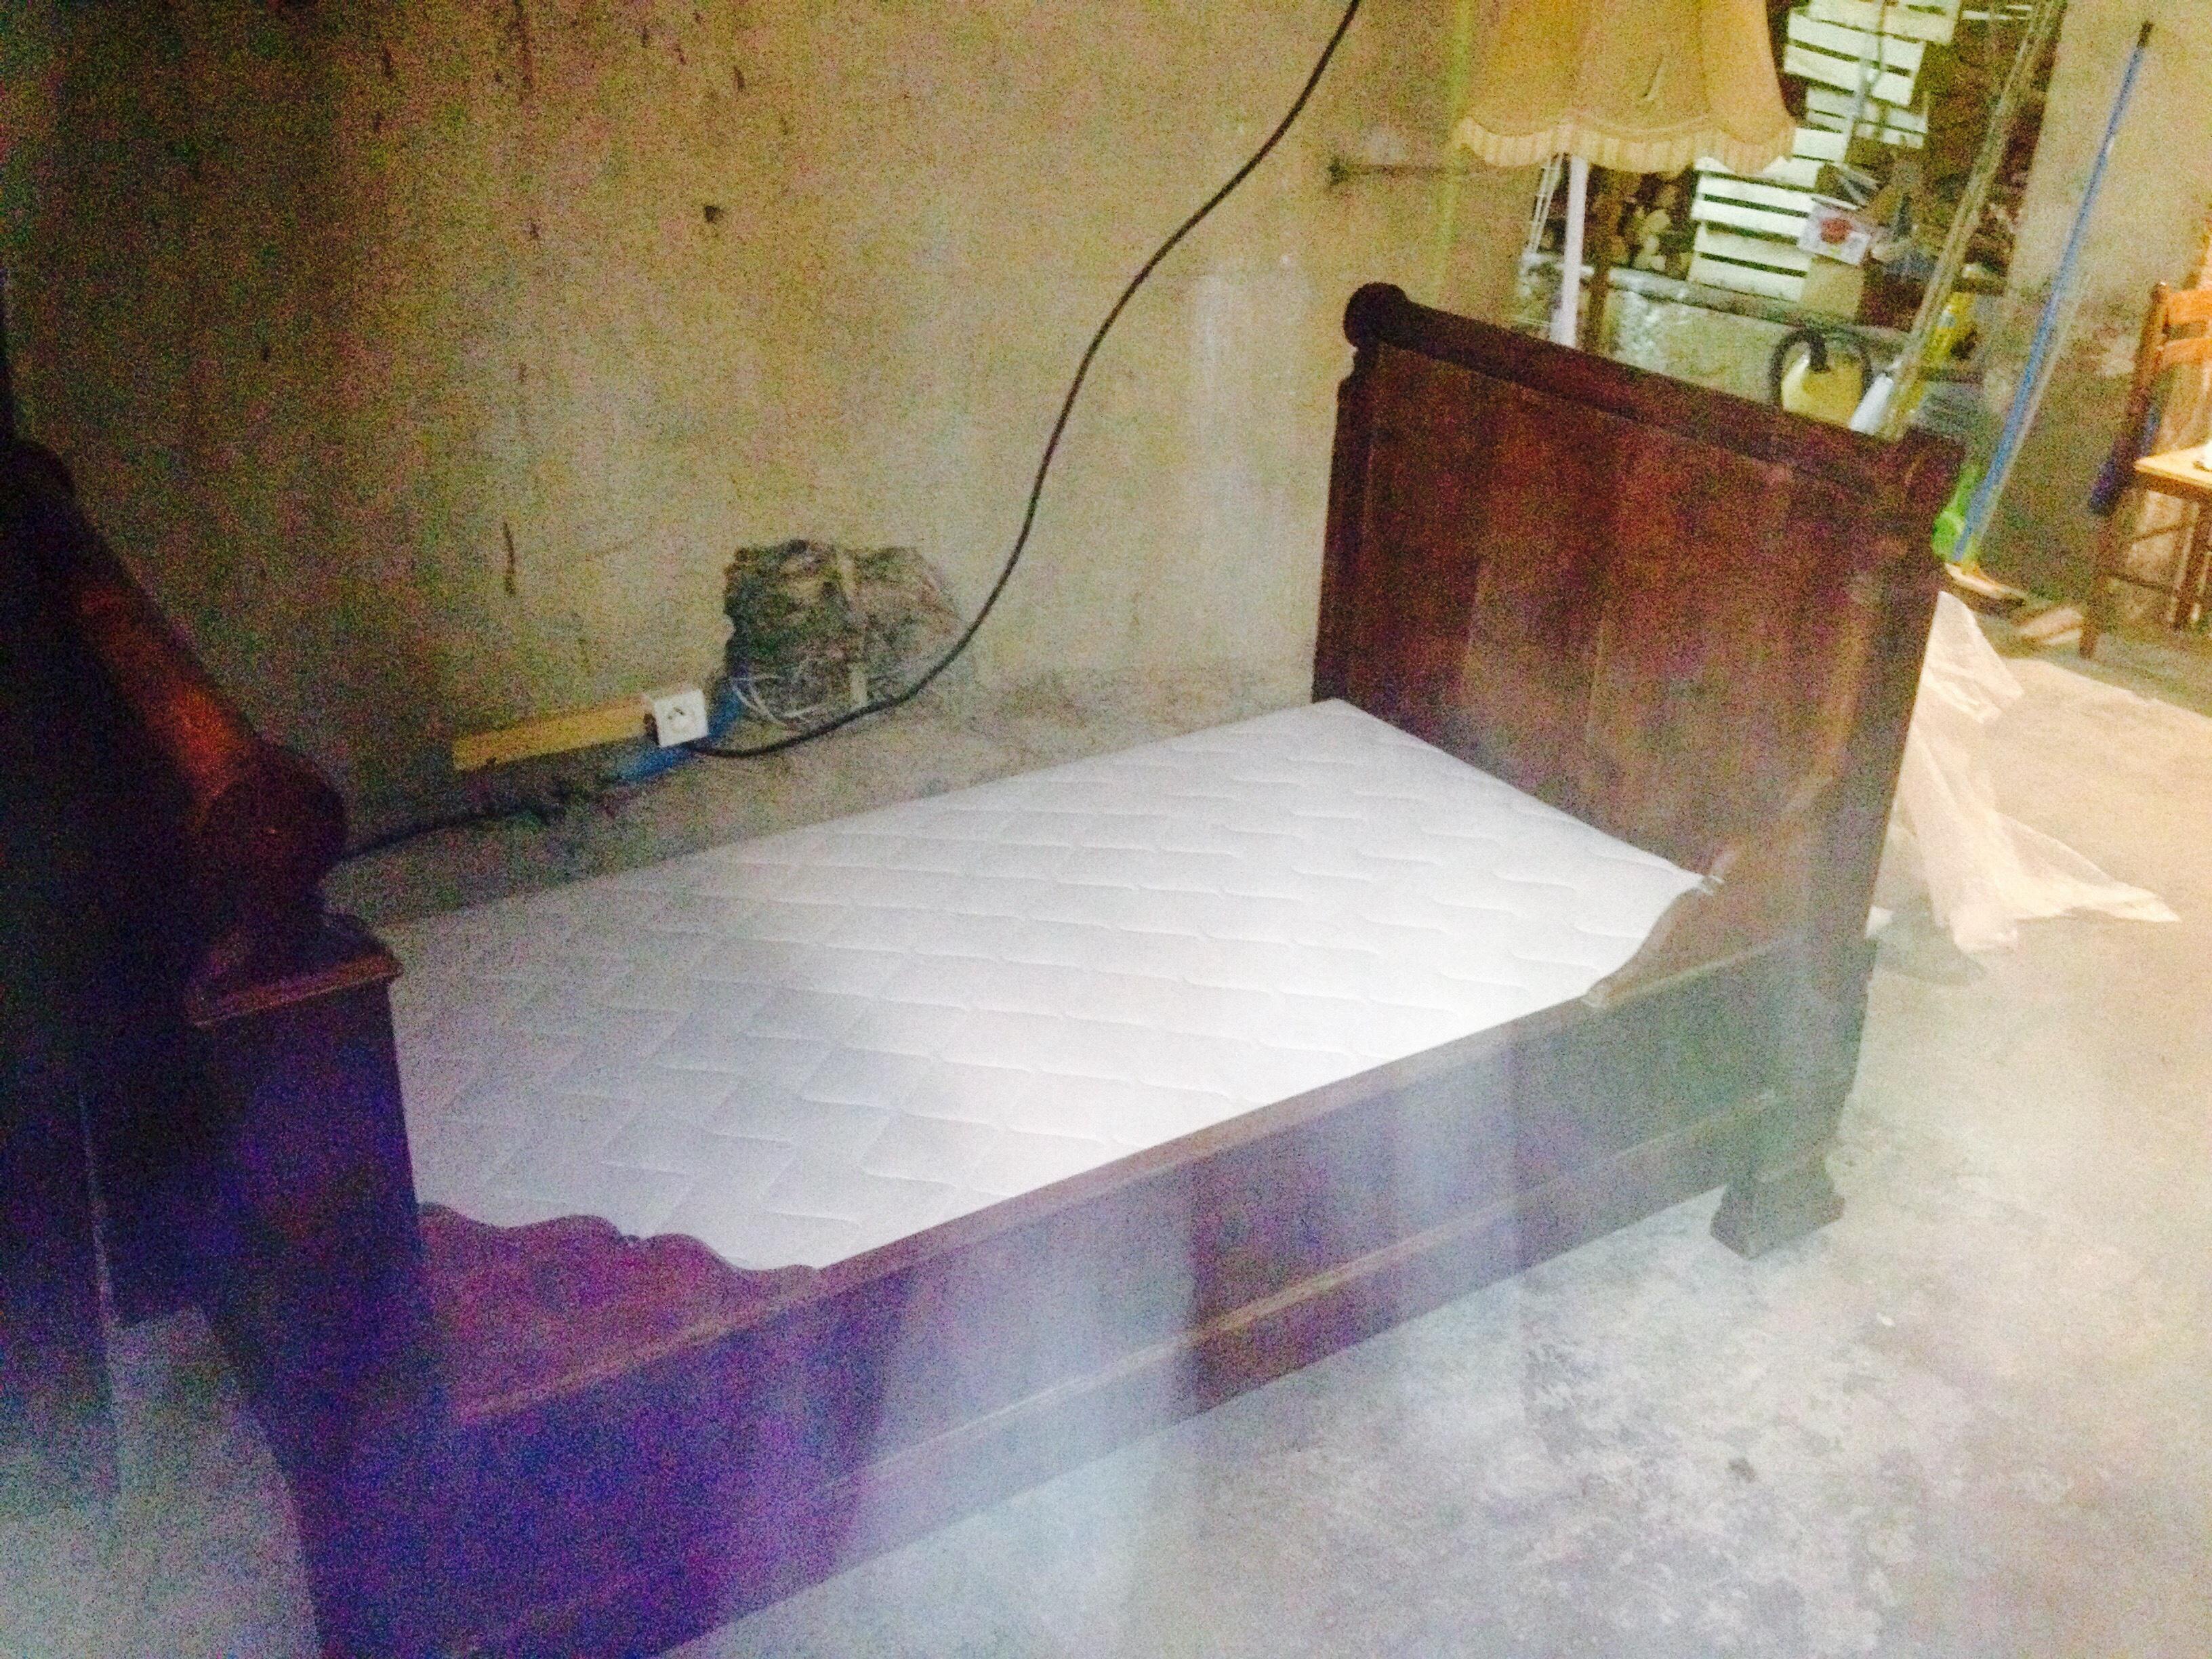 meubles occasion baixas 66 annonces achat et vente de meubles paruvendu mondebarras. Black Bedroom Furniture Sets. Home Design Ideas